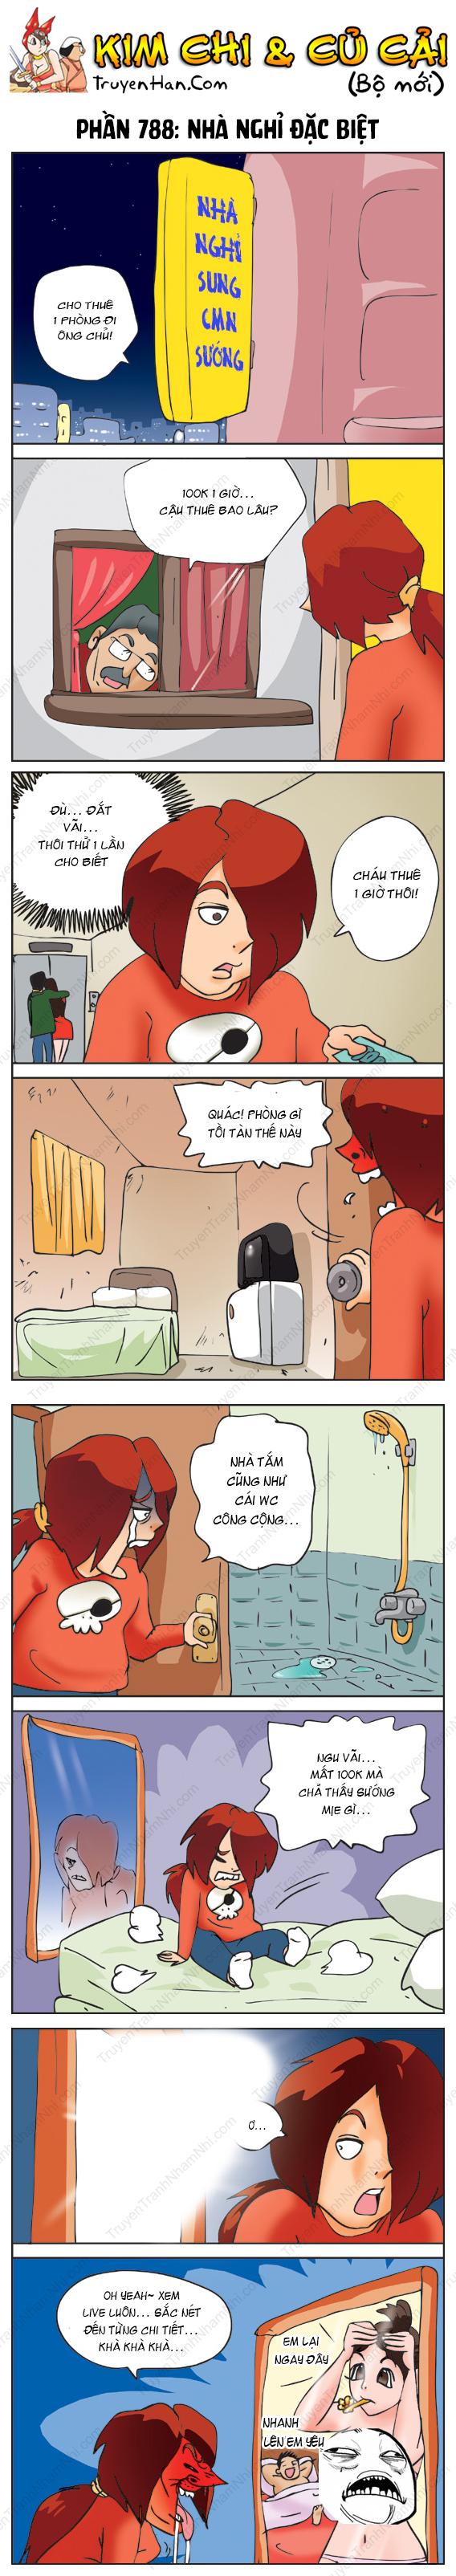 Kim Chi Và Củ Cải Phần 788: Nhà nghỉ đặc biệt